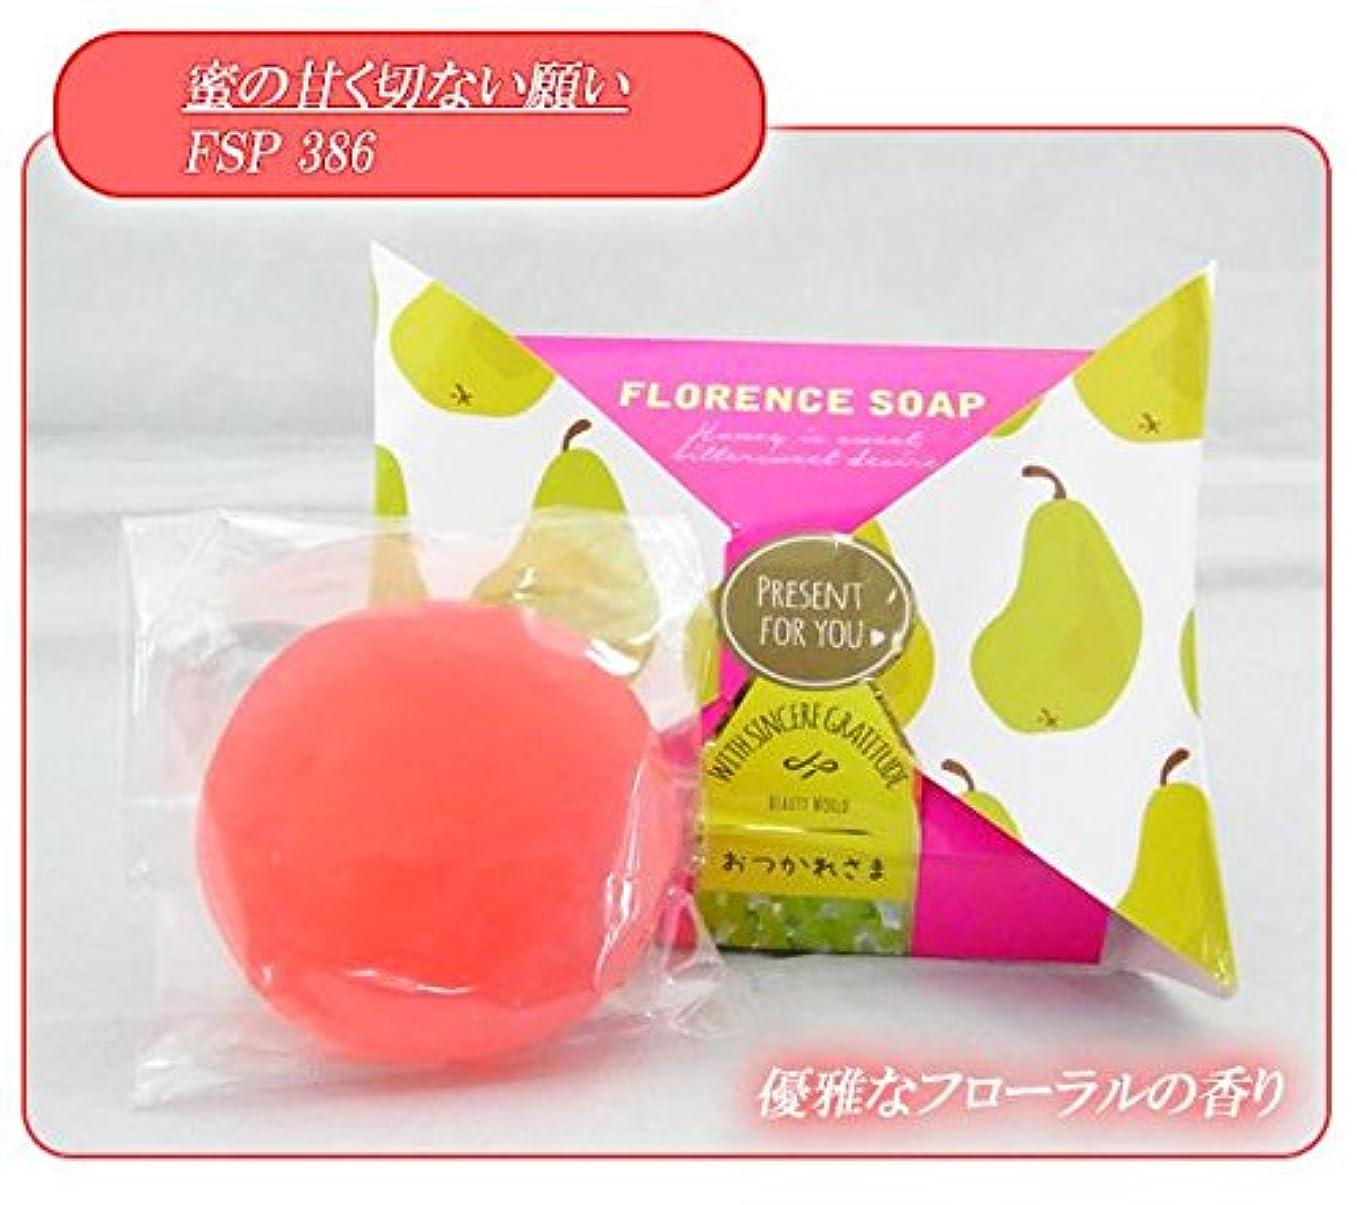 全体にこしょうインセンティブビューティーワールド BWフローレンスの香り石けん リボンパッケージ 6個セット 蜜の甘く切ない願い